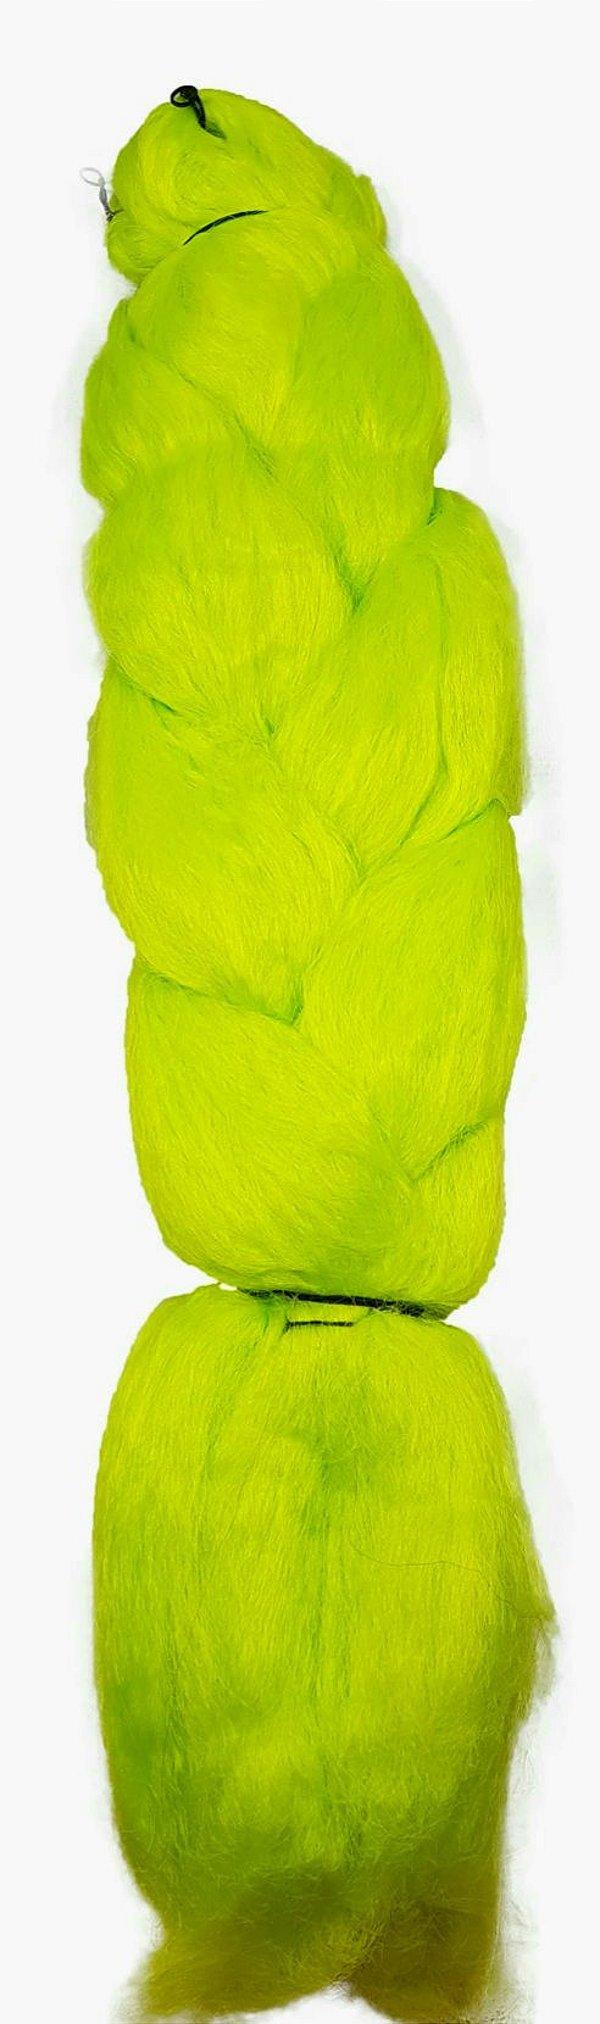 Jumbão 399g - Cherey ( cor Amarelo algodão  - Verde florescente)